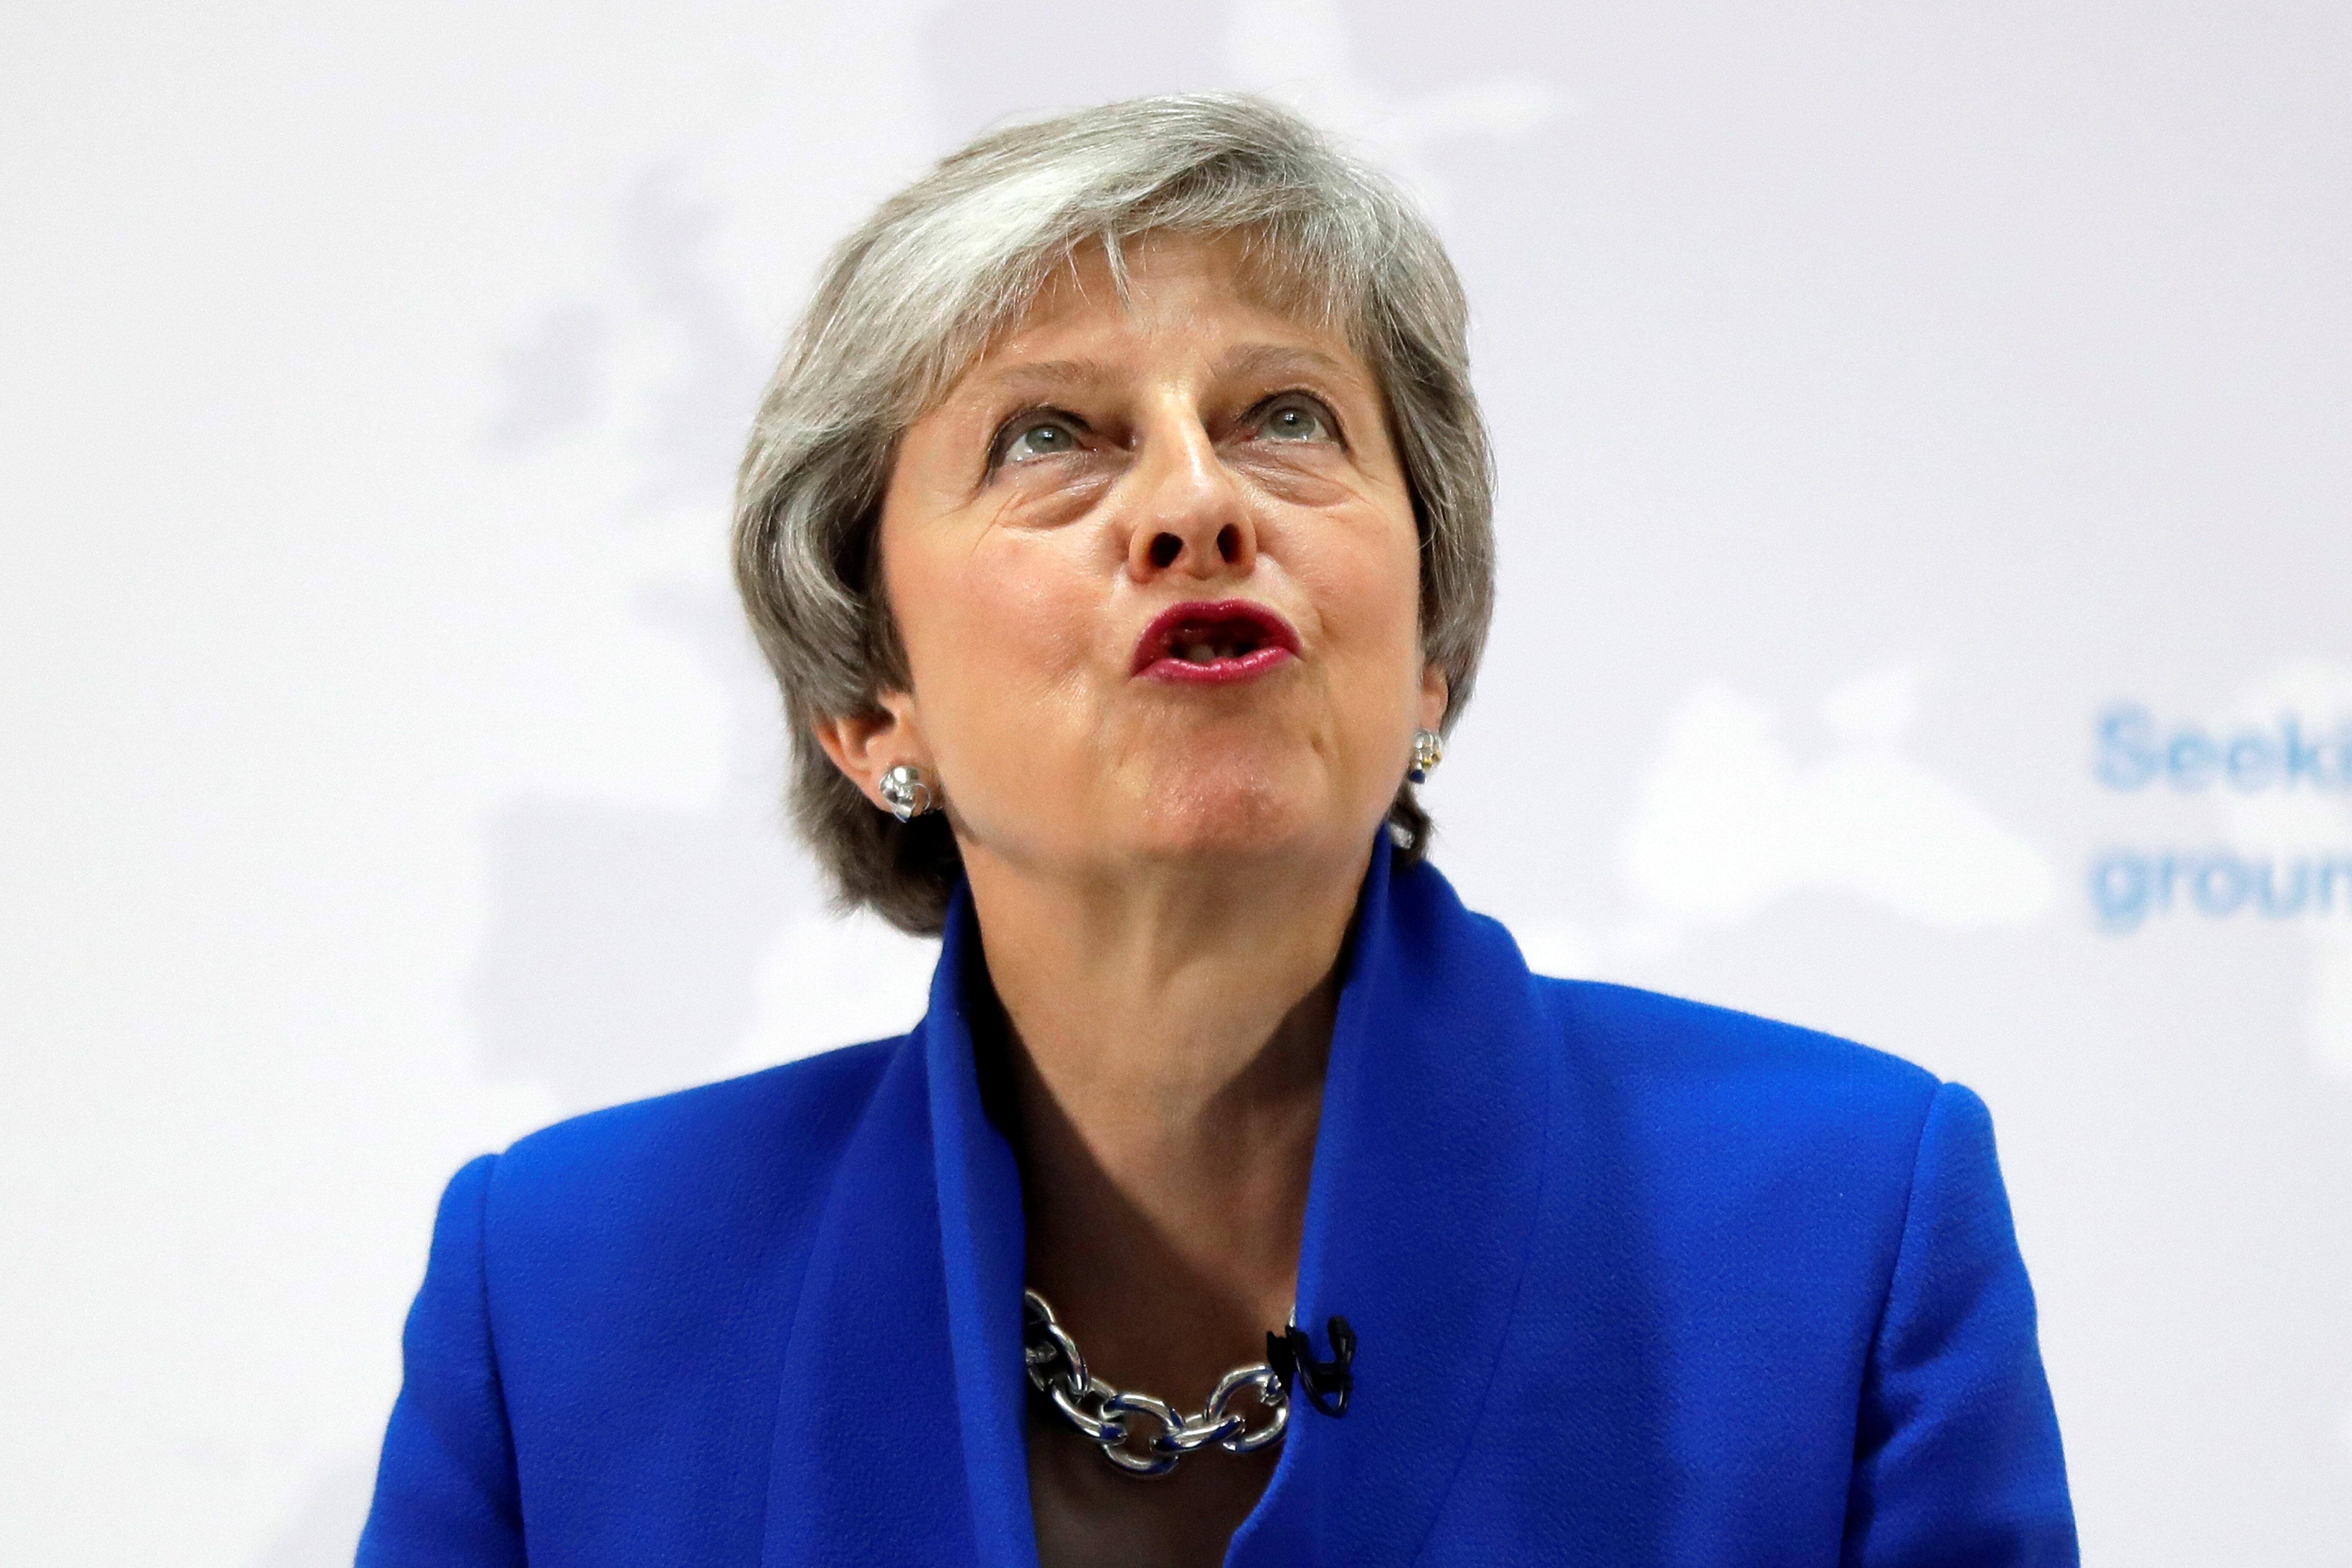 이것은 영국 메이 총리의 '마지막 브렉시트 연설'이었을